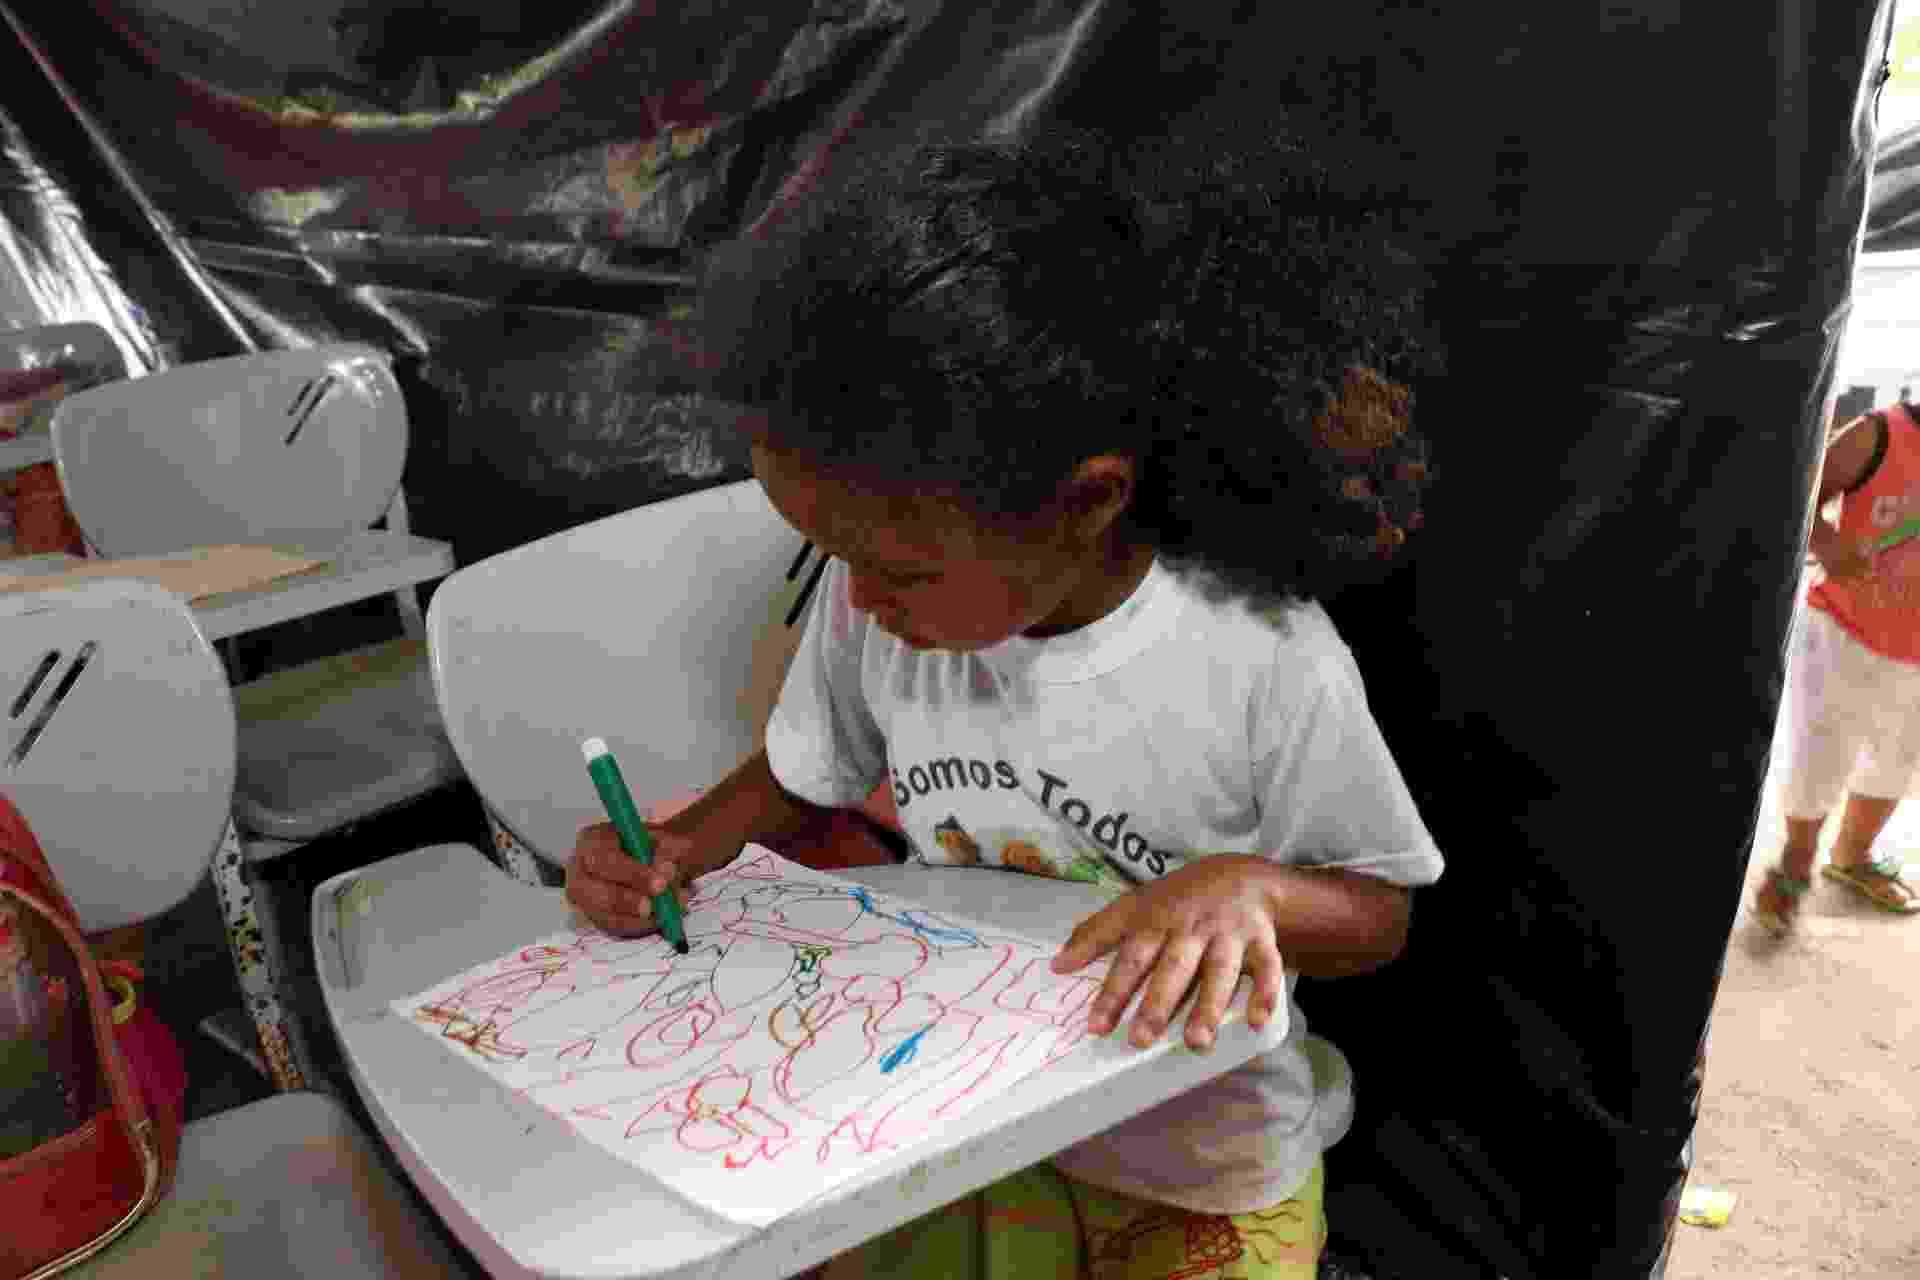 5.abr.2018 - Aluna desenha durante atividade escolar debaixo de lona em Areia, município paraibano que teve mais de uma dezena de escolas fechadas em reestruturação da prefeitura - Francisco França/UOL